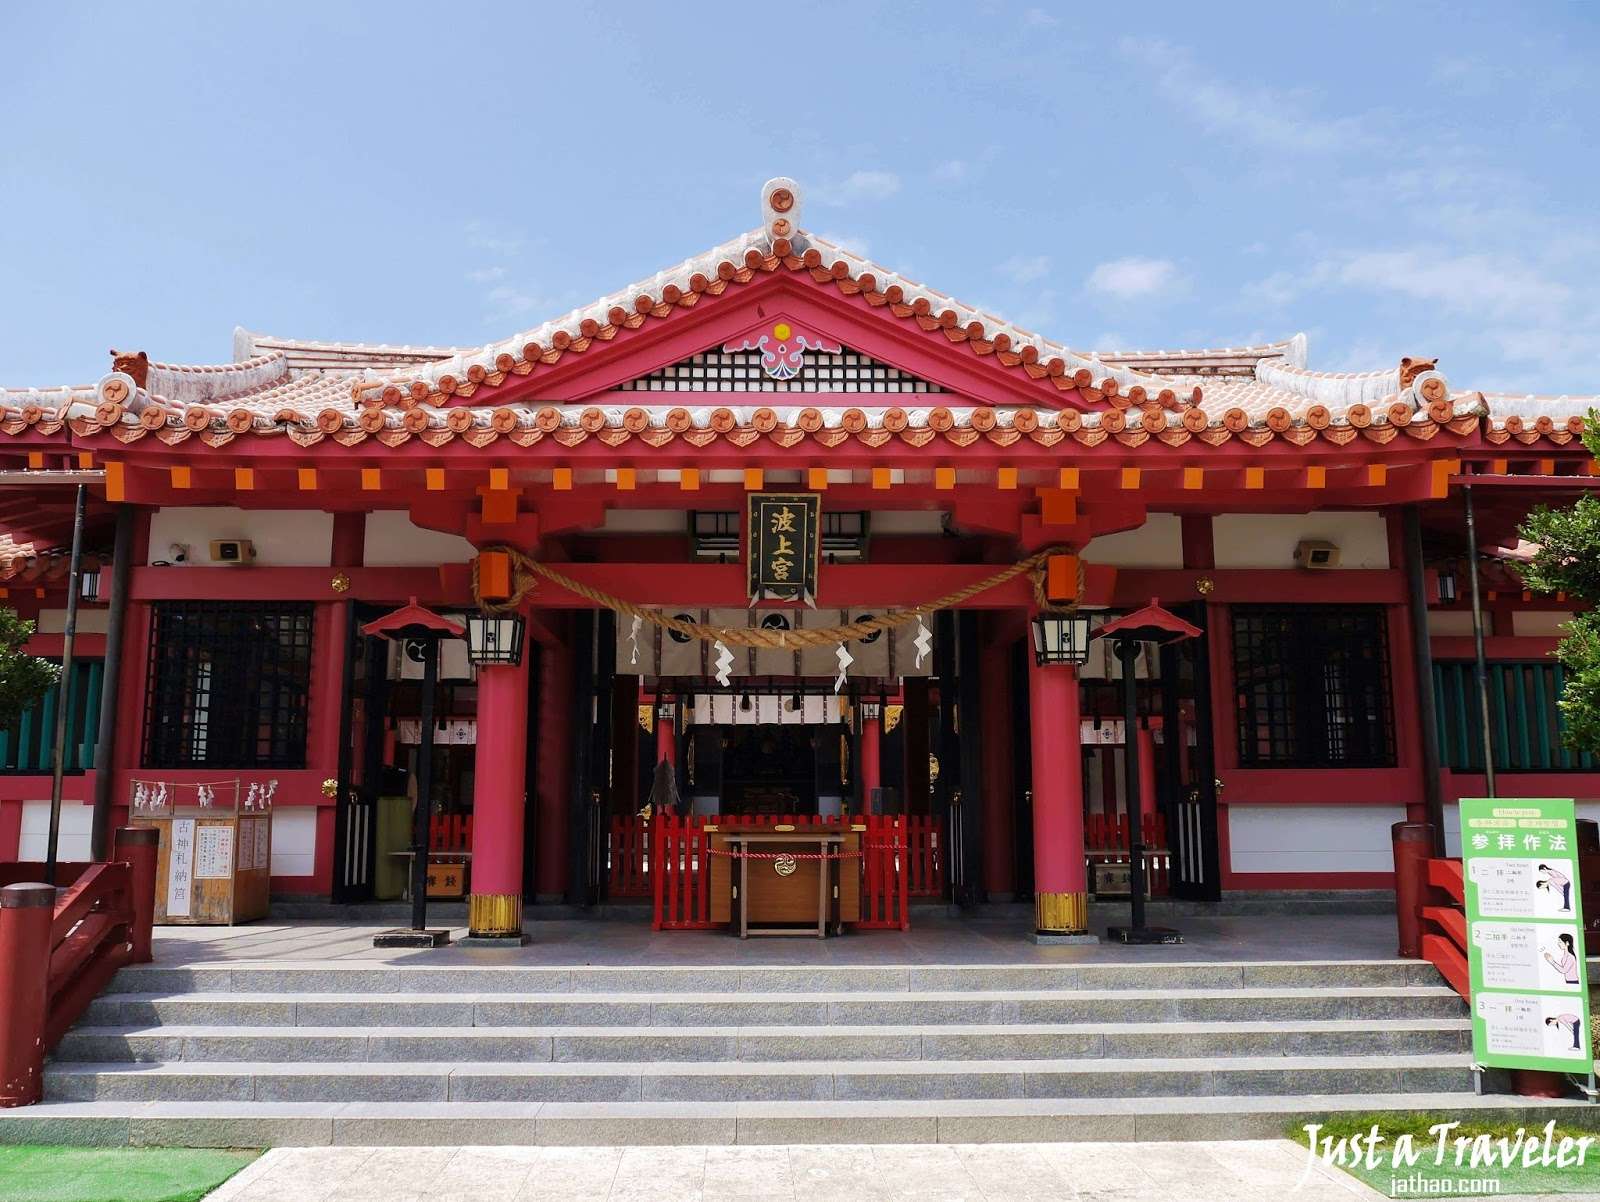 沖繩-沖繩景點-推薦-波上宮-神社-沖繩自由行景點-沖繩那霸景點-沖繩旅遊-沖繩觀光景點-Okinawa-attraction-naminouegu-Toruist-destination